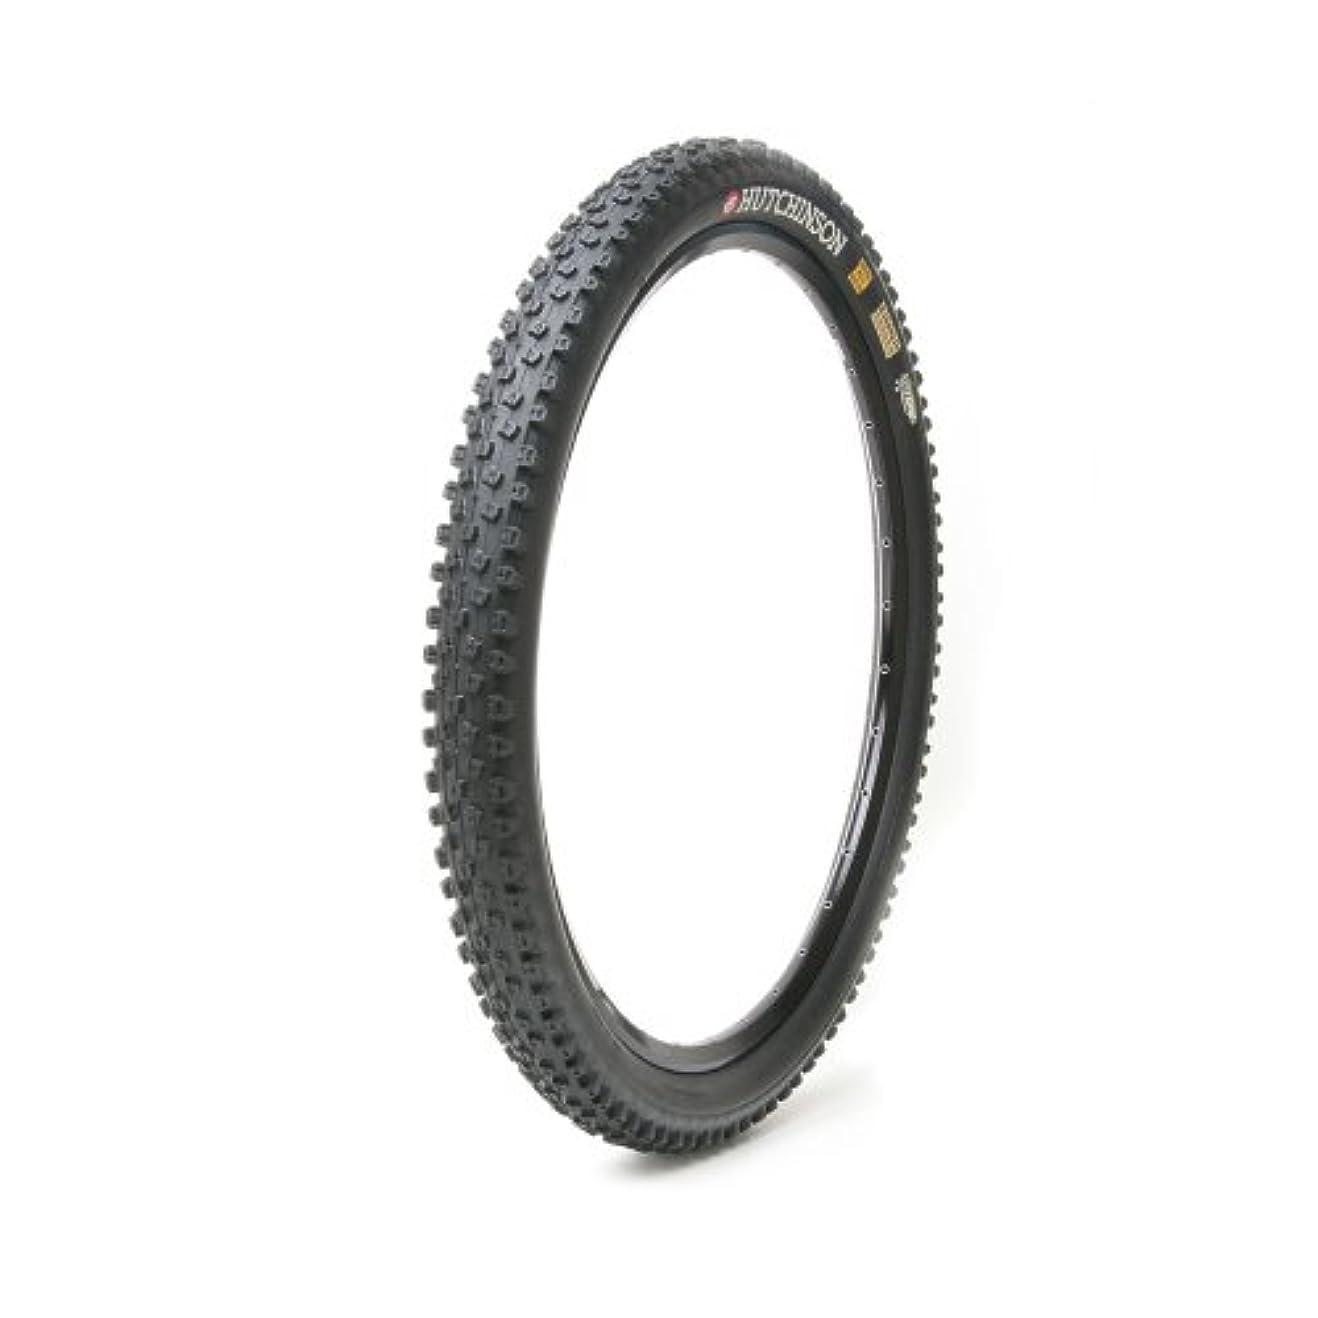 マイル極めて重要な基本的なHutchinson pneu toro tubeless ready hardskin rr 29 x 2.35